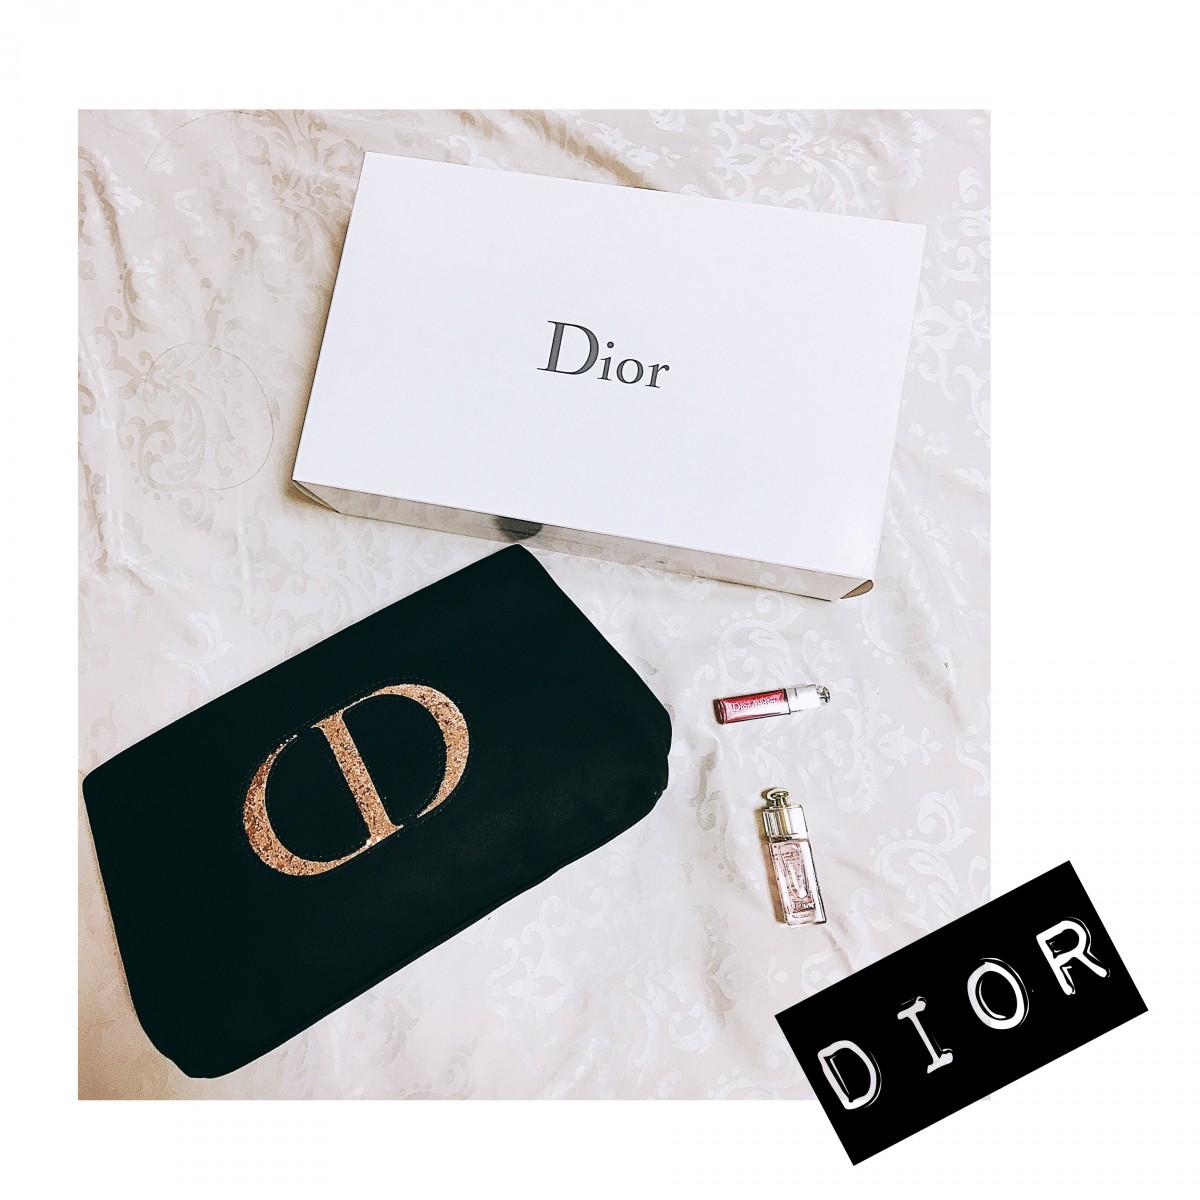 売り切れ必須!Diorのコスメ購入プラス1400円で買えるお得なポーチ!今年のは特に素敵です♡